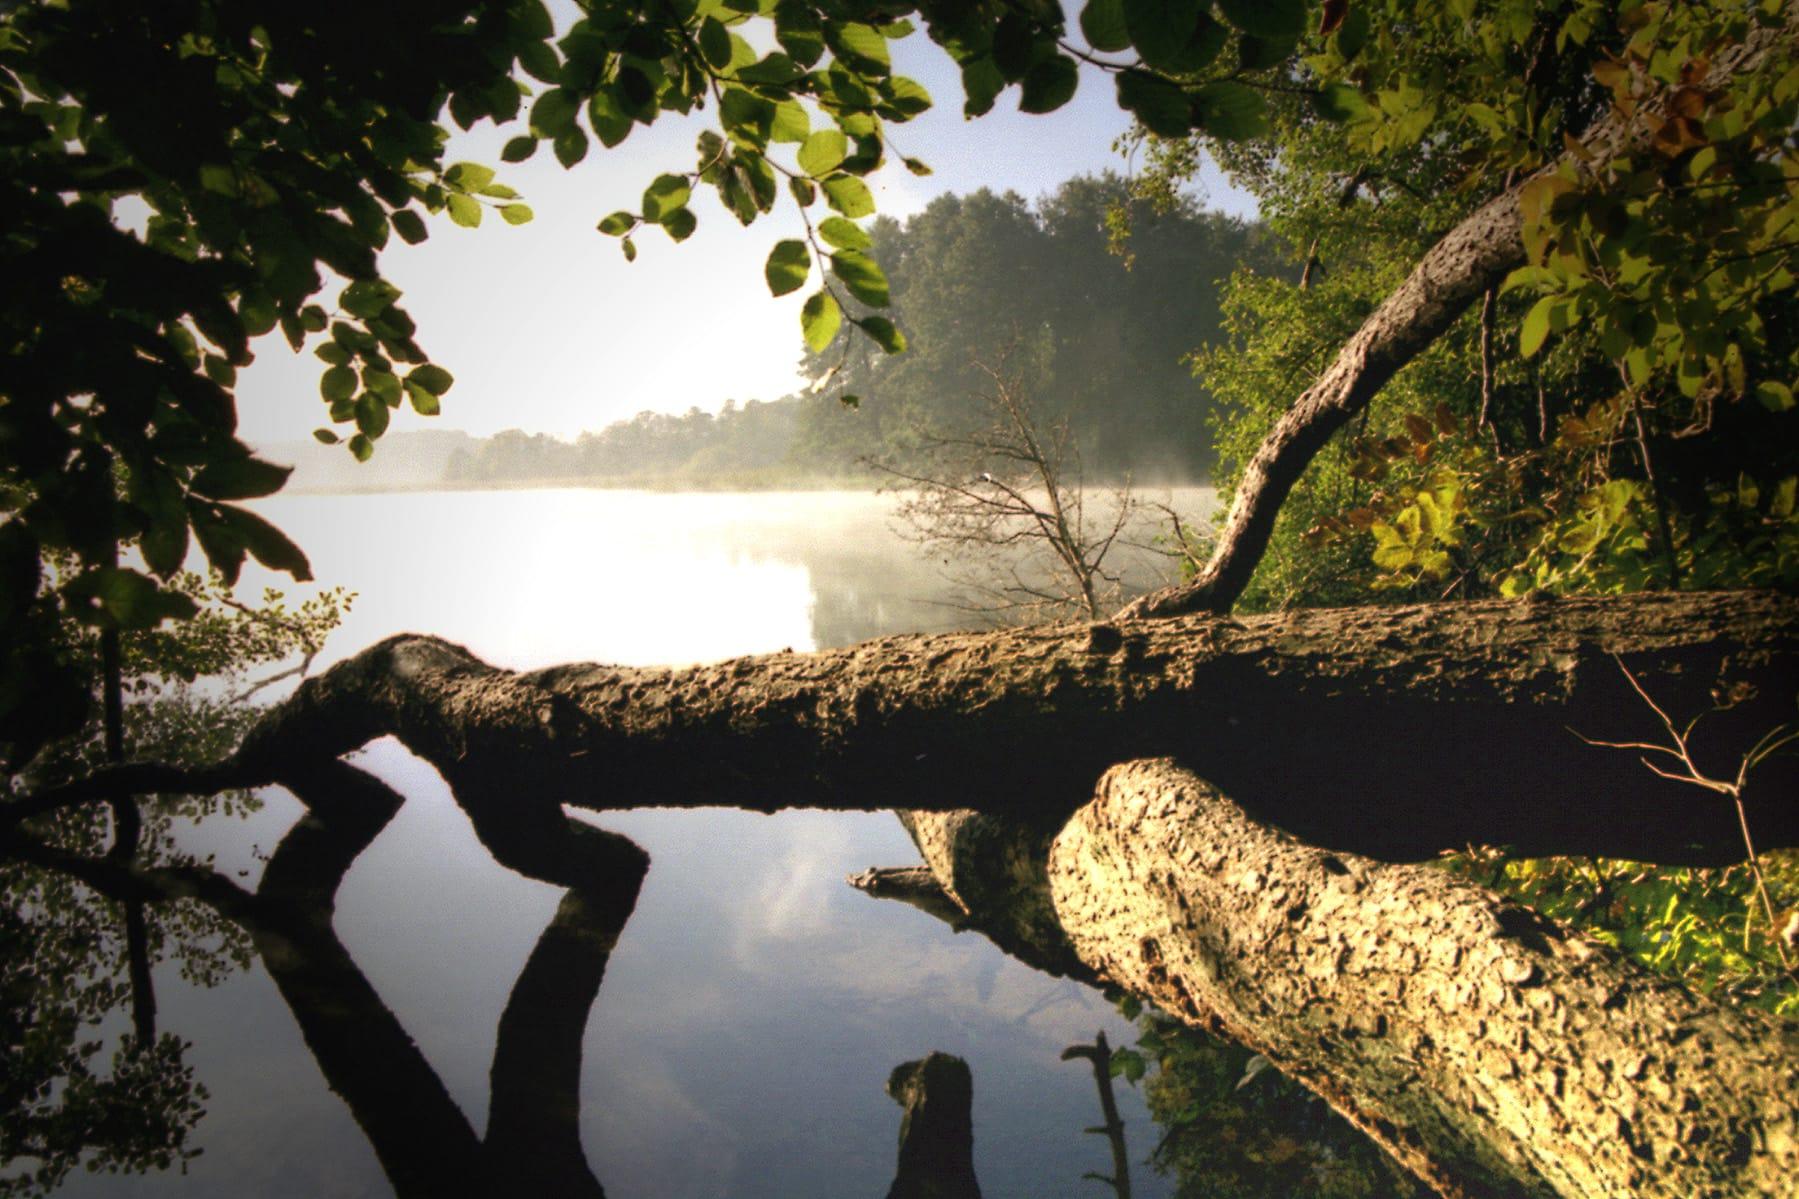 Schaalsee in Germany